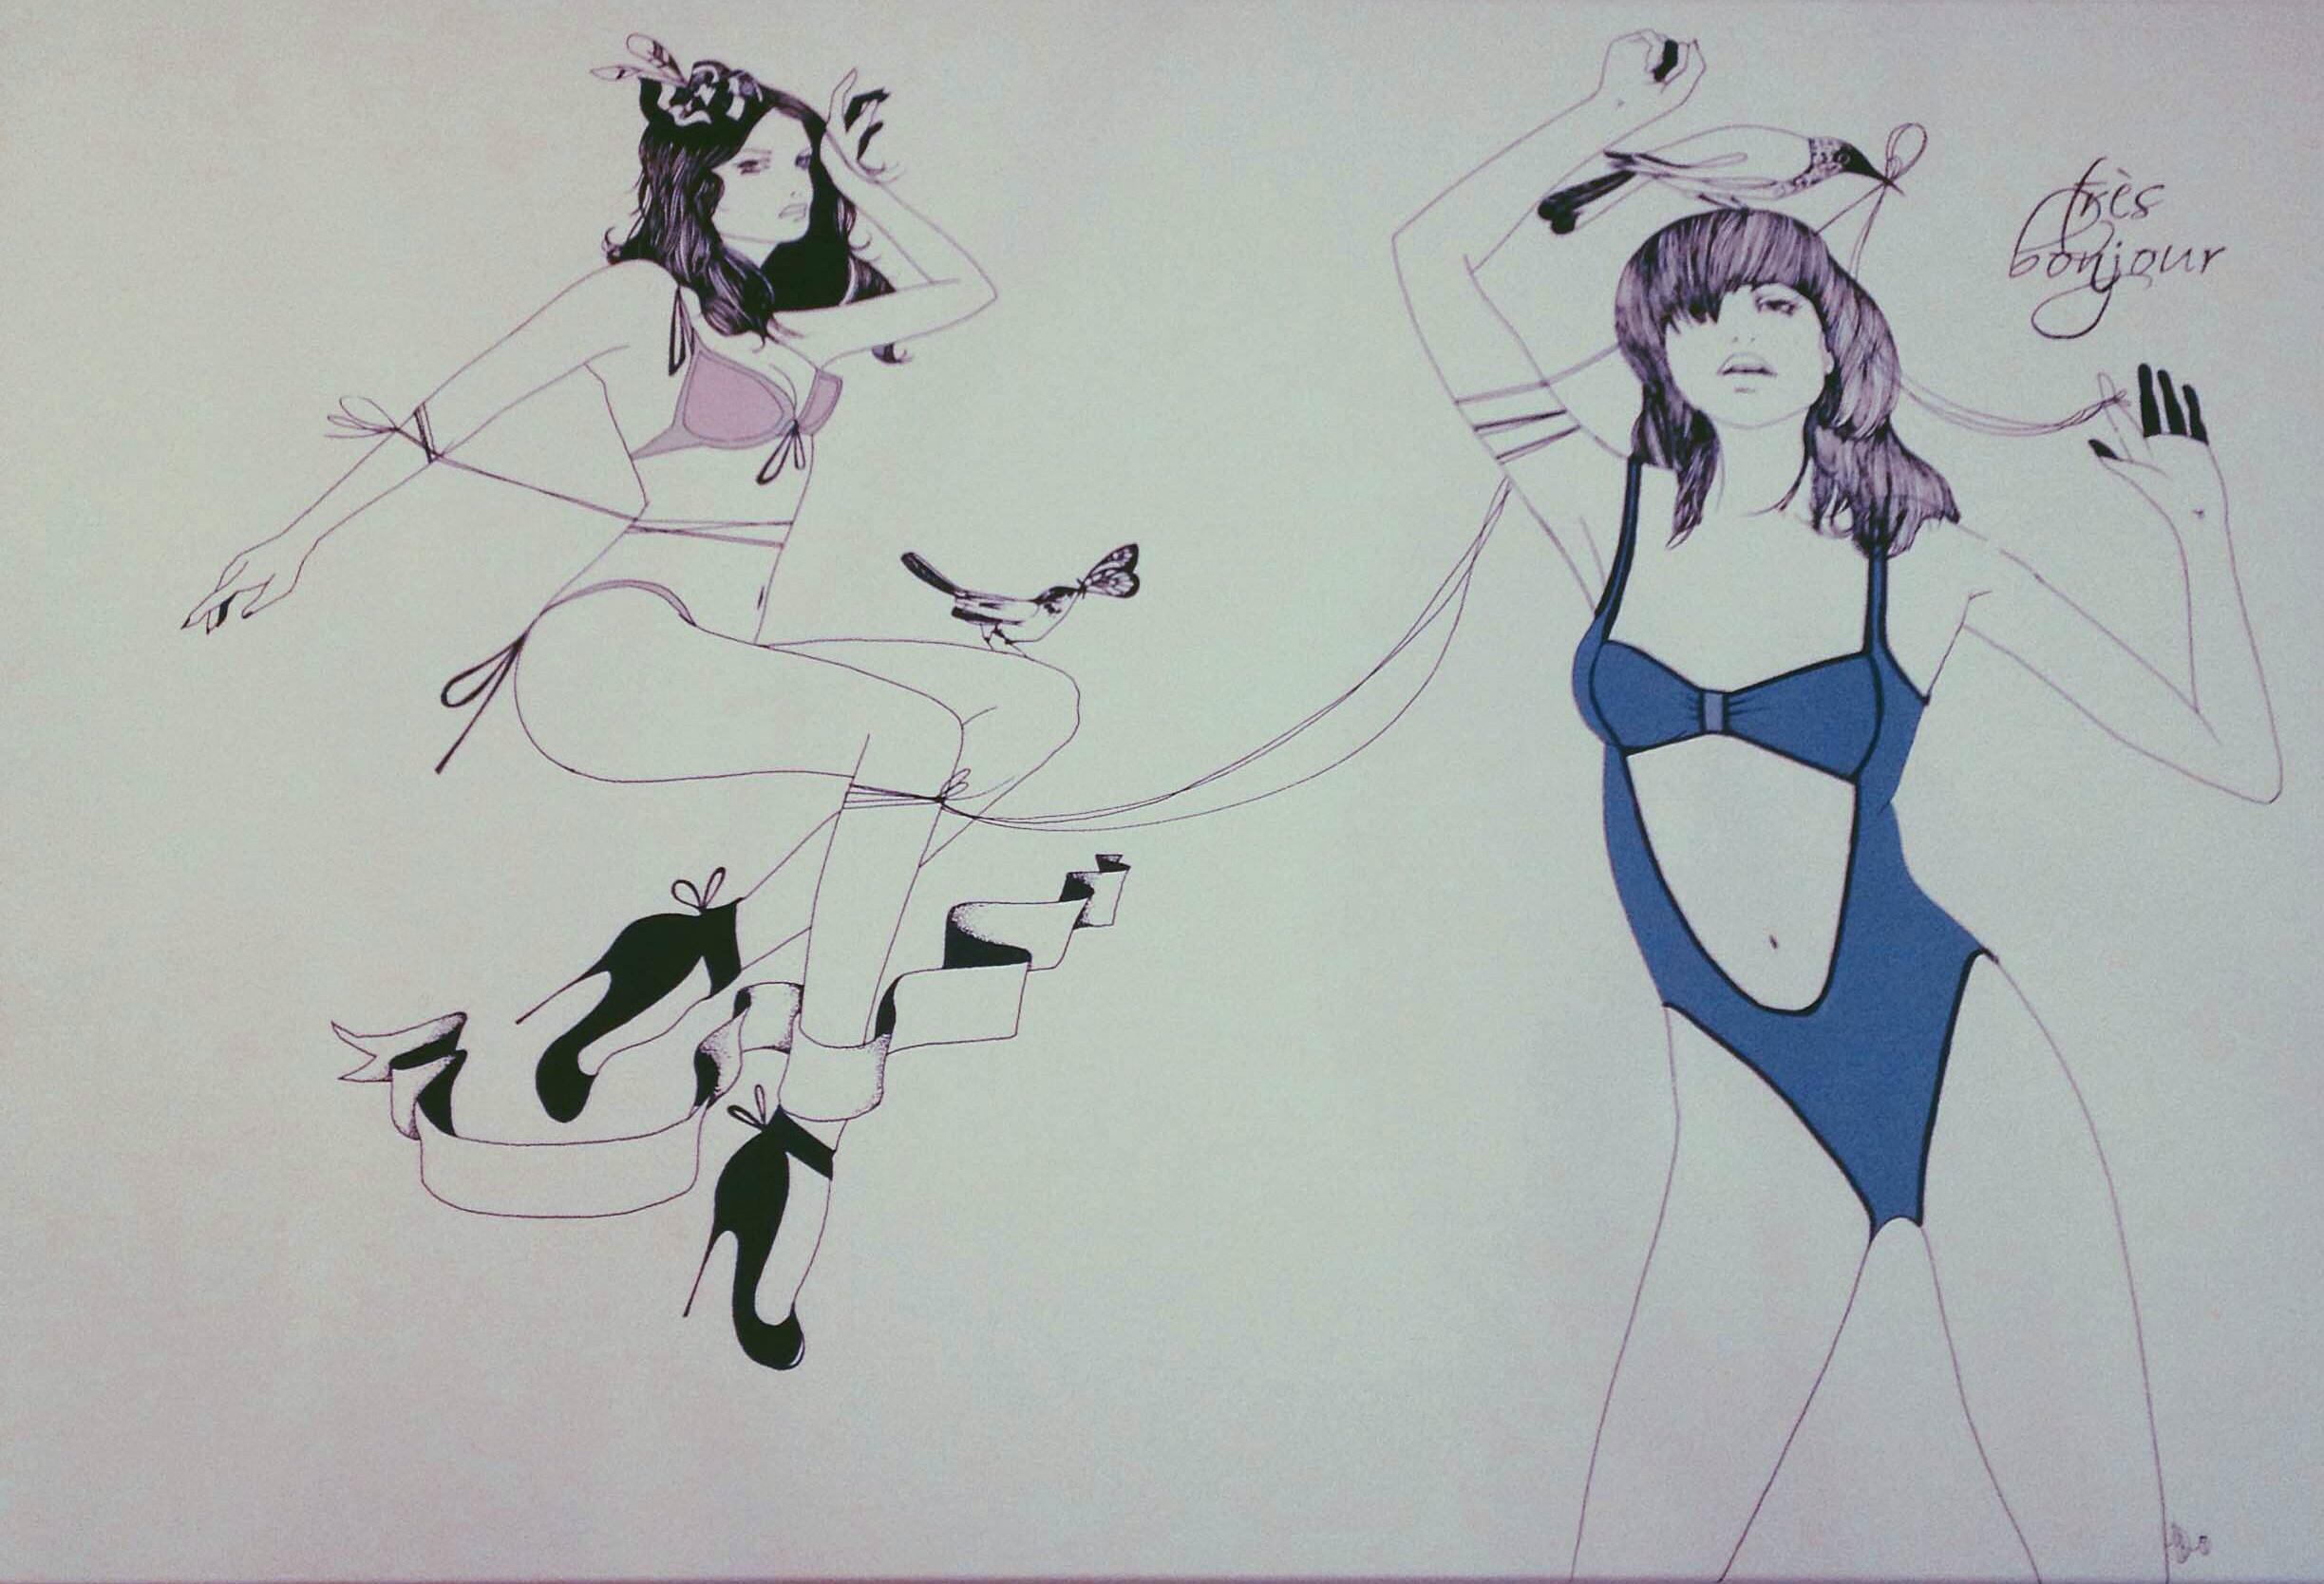 Иллюстрация в шоуруме Tres Bonjour